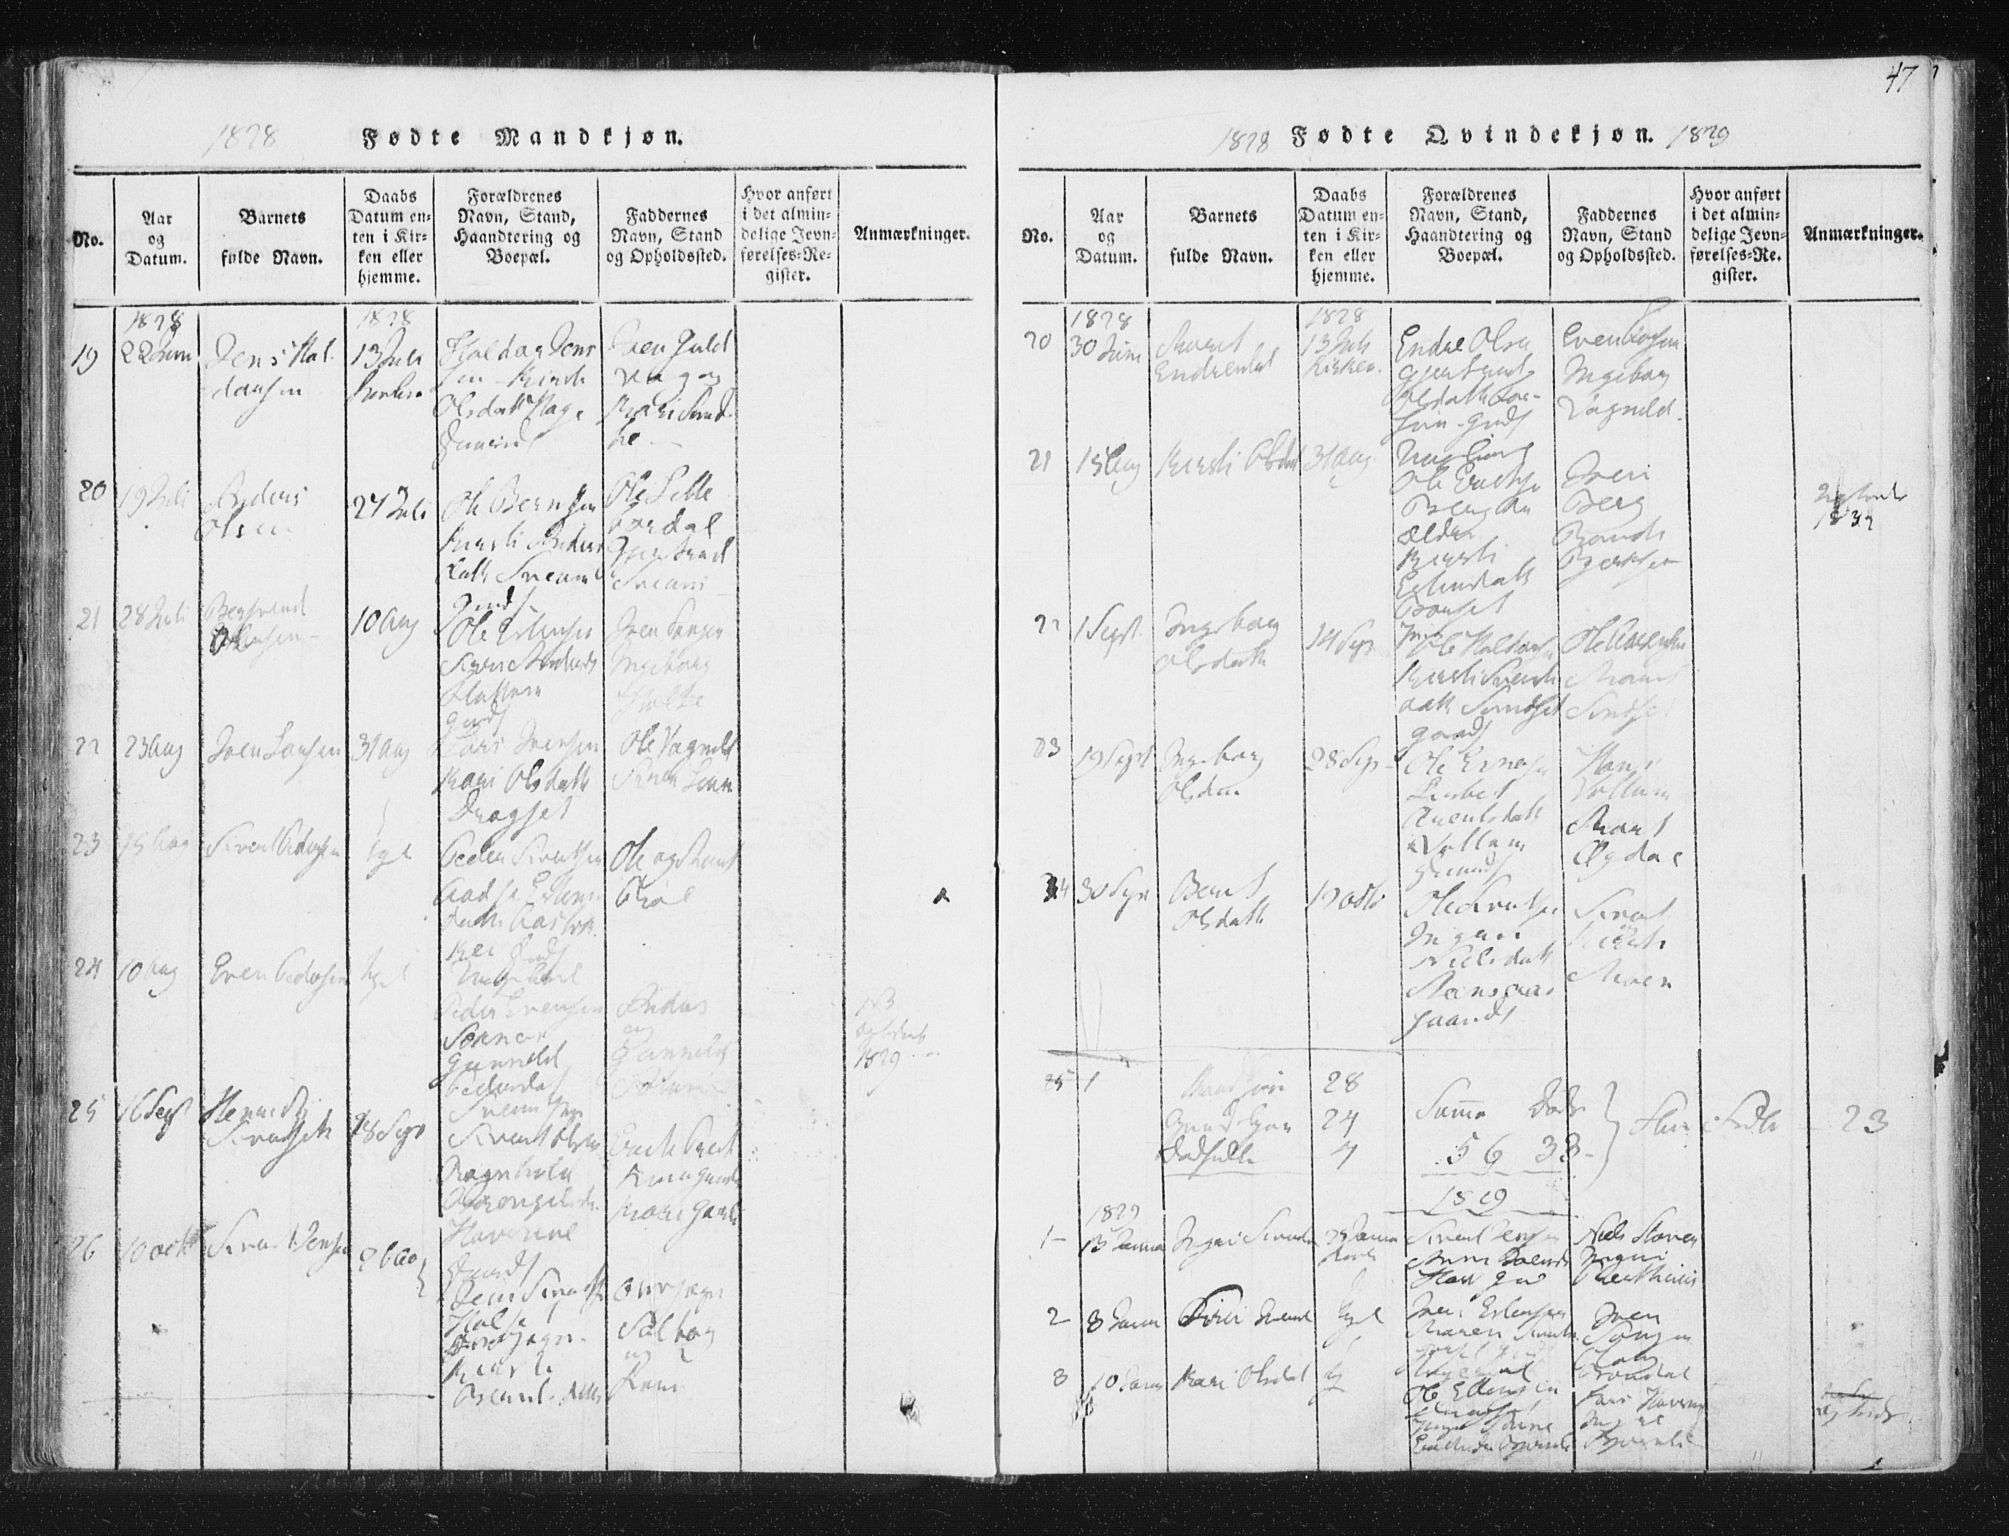 SAT, Ministerialprotokoller, klokkerbøker og fødselsregistre - Sør-Trøndelag, 689/L1037: Ministerialbok nr. 689A02, 1816-1842, s. 47